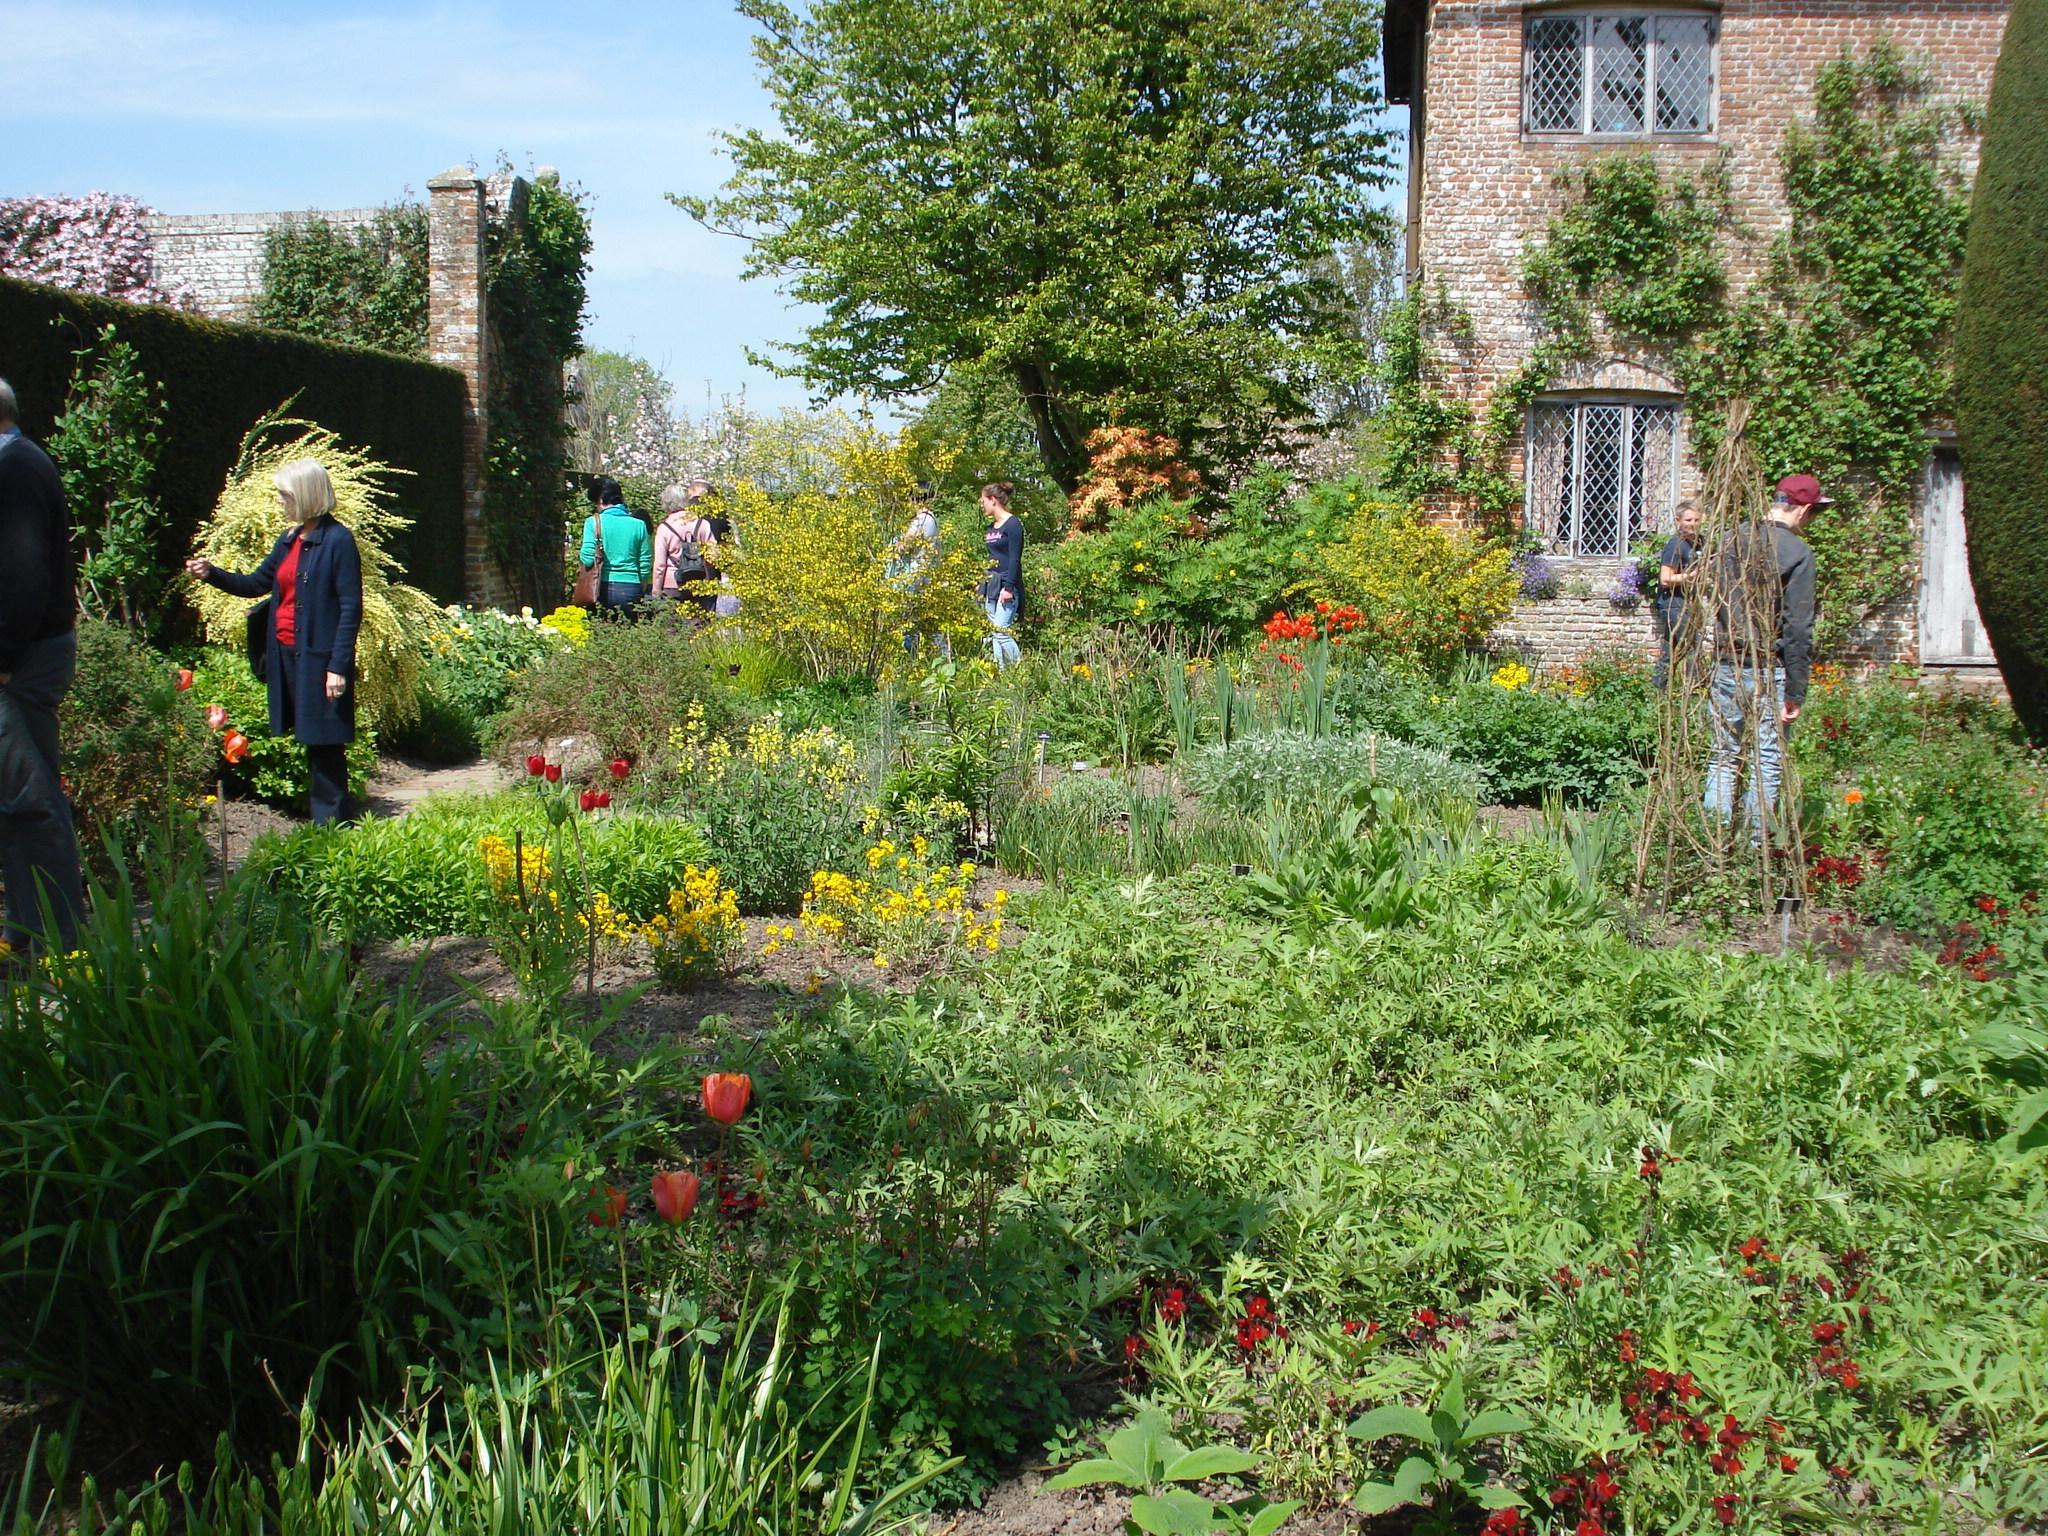 die sissinghurst castle gardens in kent fest eingeplante station bei allen busrundreisen durch. Black Bedroom Furniture Sets. Home Design Ideas